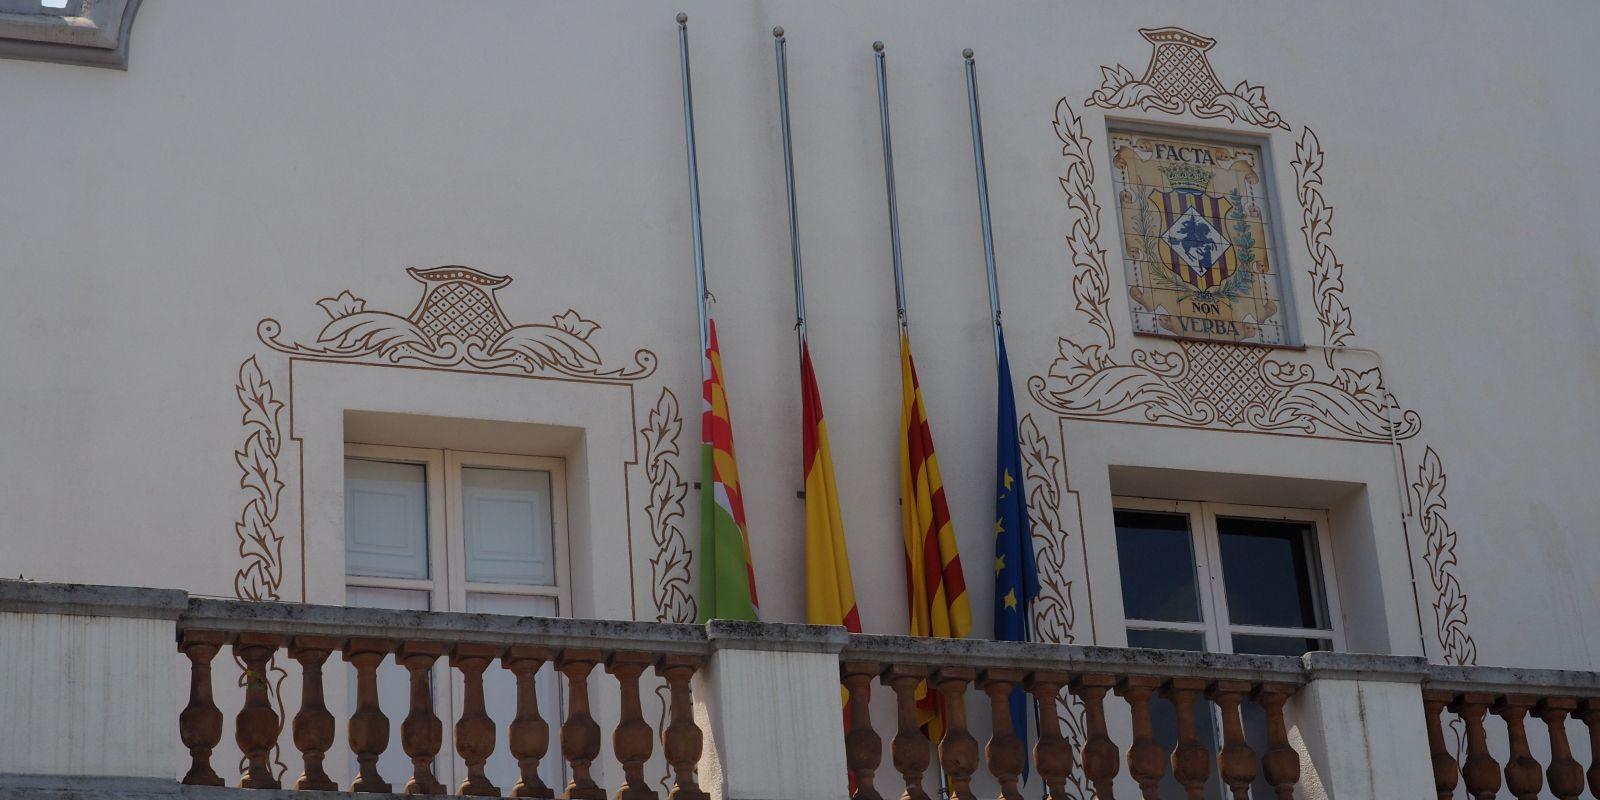 Banderes a mig pal a l'Ajuntament en mostra de dol per les víctimes de la Covid-19 | Mónica GM